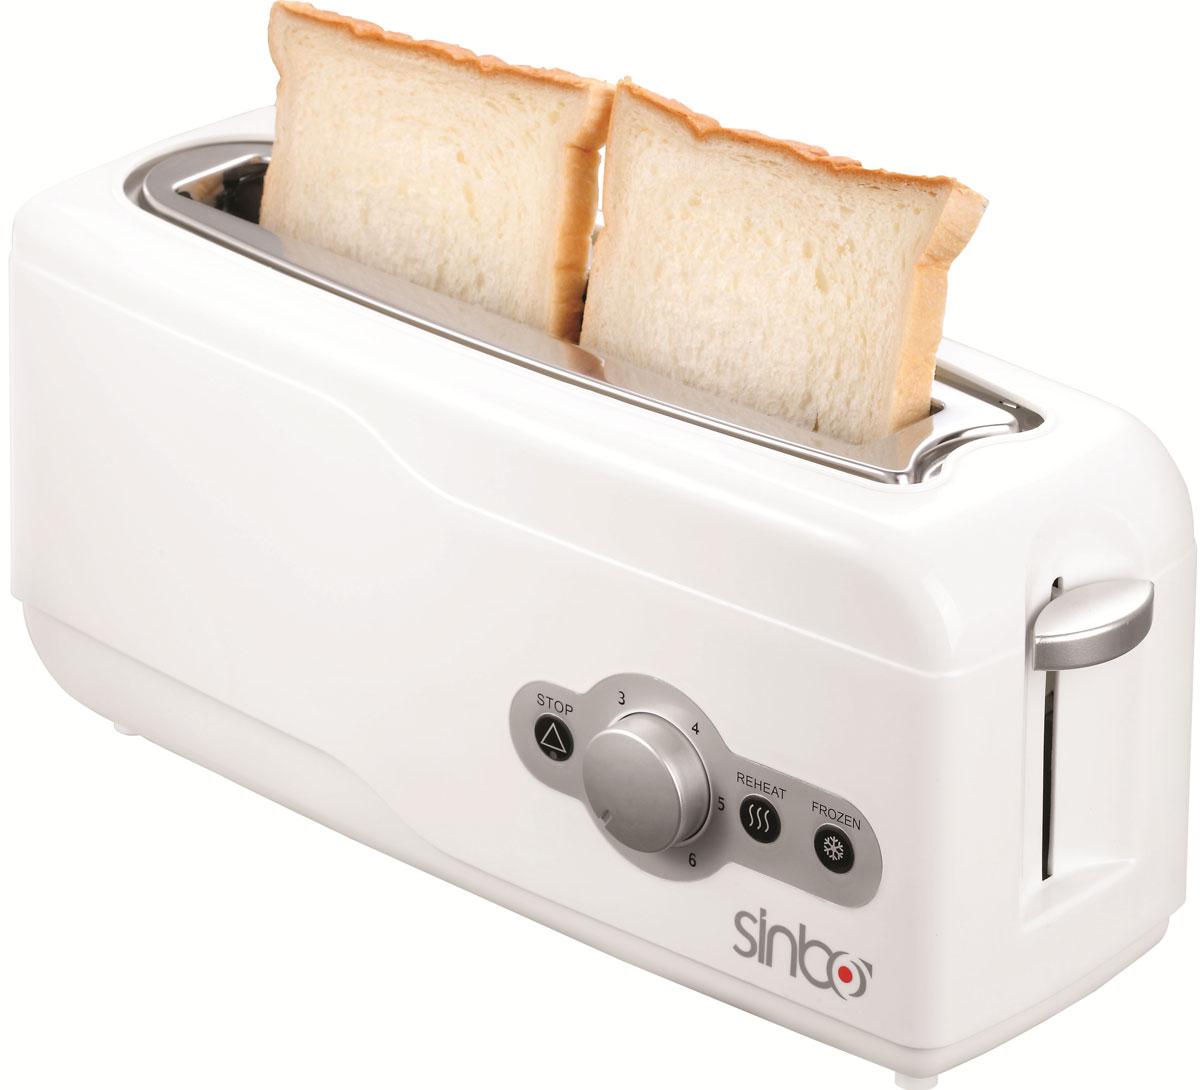 Sinbo ST 2412 тостерST 2412Тостер Sinbo ST 2412 представляет собой сочетание удобства, функциональности и элегантного внешнего вида. Мощность в 750 Вт, простота управления и быстрое приготовление тостов, дополняется возможностью регулировки степени обжарки в 6 ступеней.Компактное и легкое в управлении устройство позволит приготовить вкуснейшие тосты за считанные минуты стразу на двоих. Вы можете в любой момент остановить процесс поджаривания, просто нажав на соответствующую кнопку. Ухаживать за тостером легко и приятно благодаря наличию поддона для крошек.